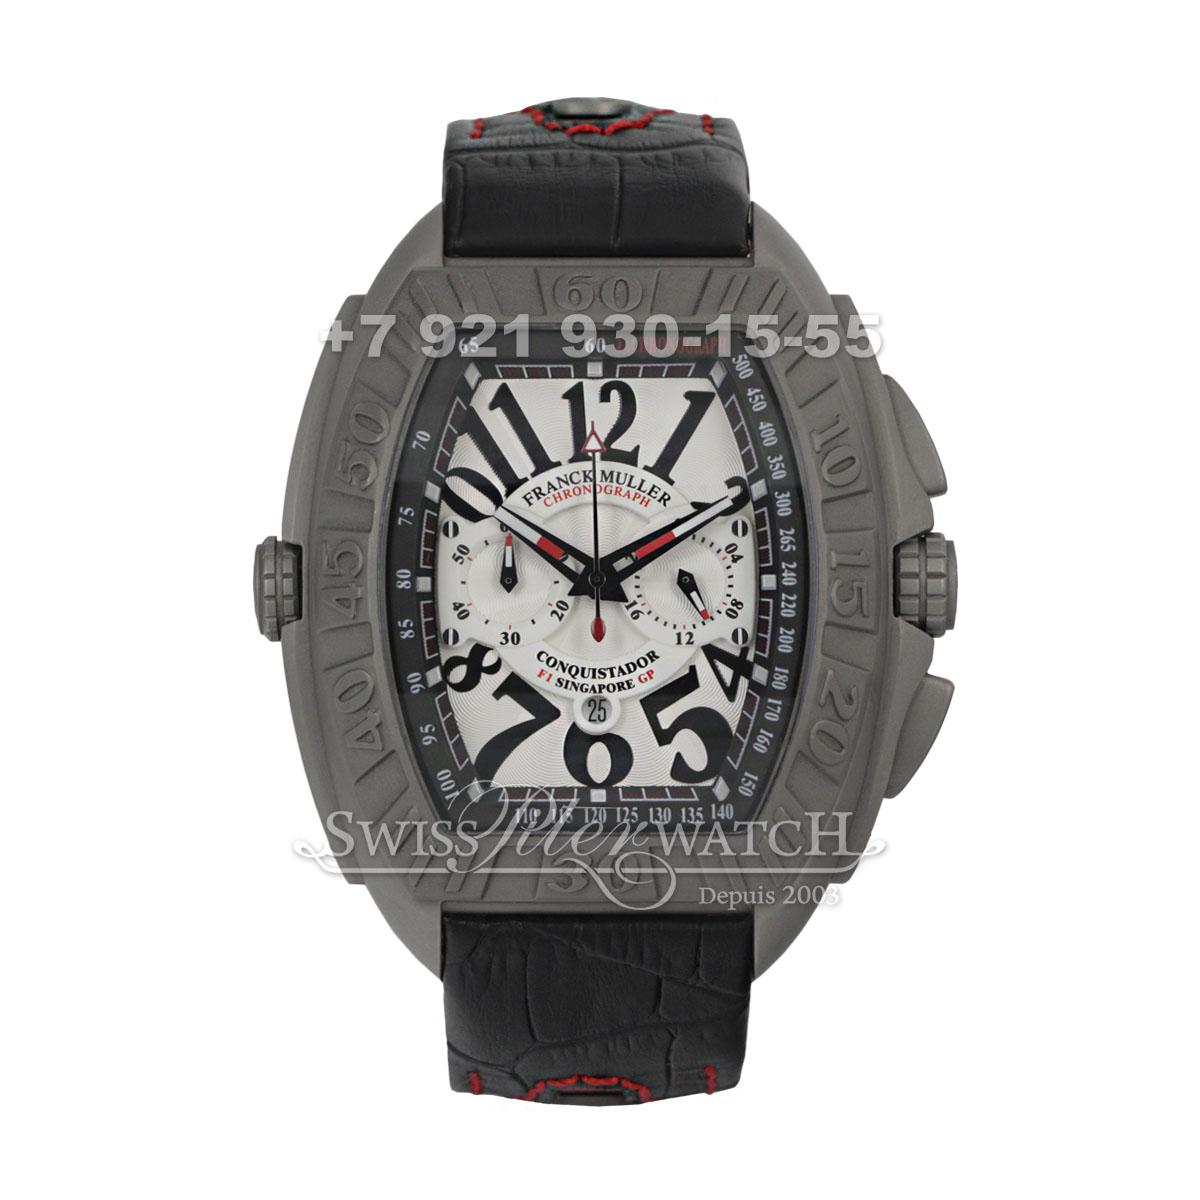 79a88b40 Купить Franck Muller 028.073 (копия) в интернет-магазине часов в Санкт- Петербурге